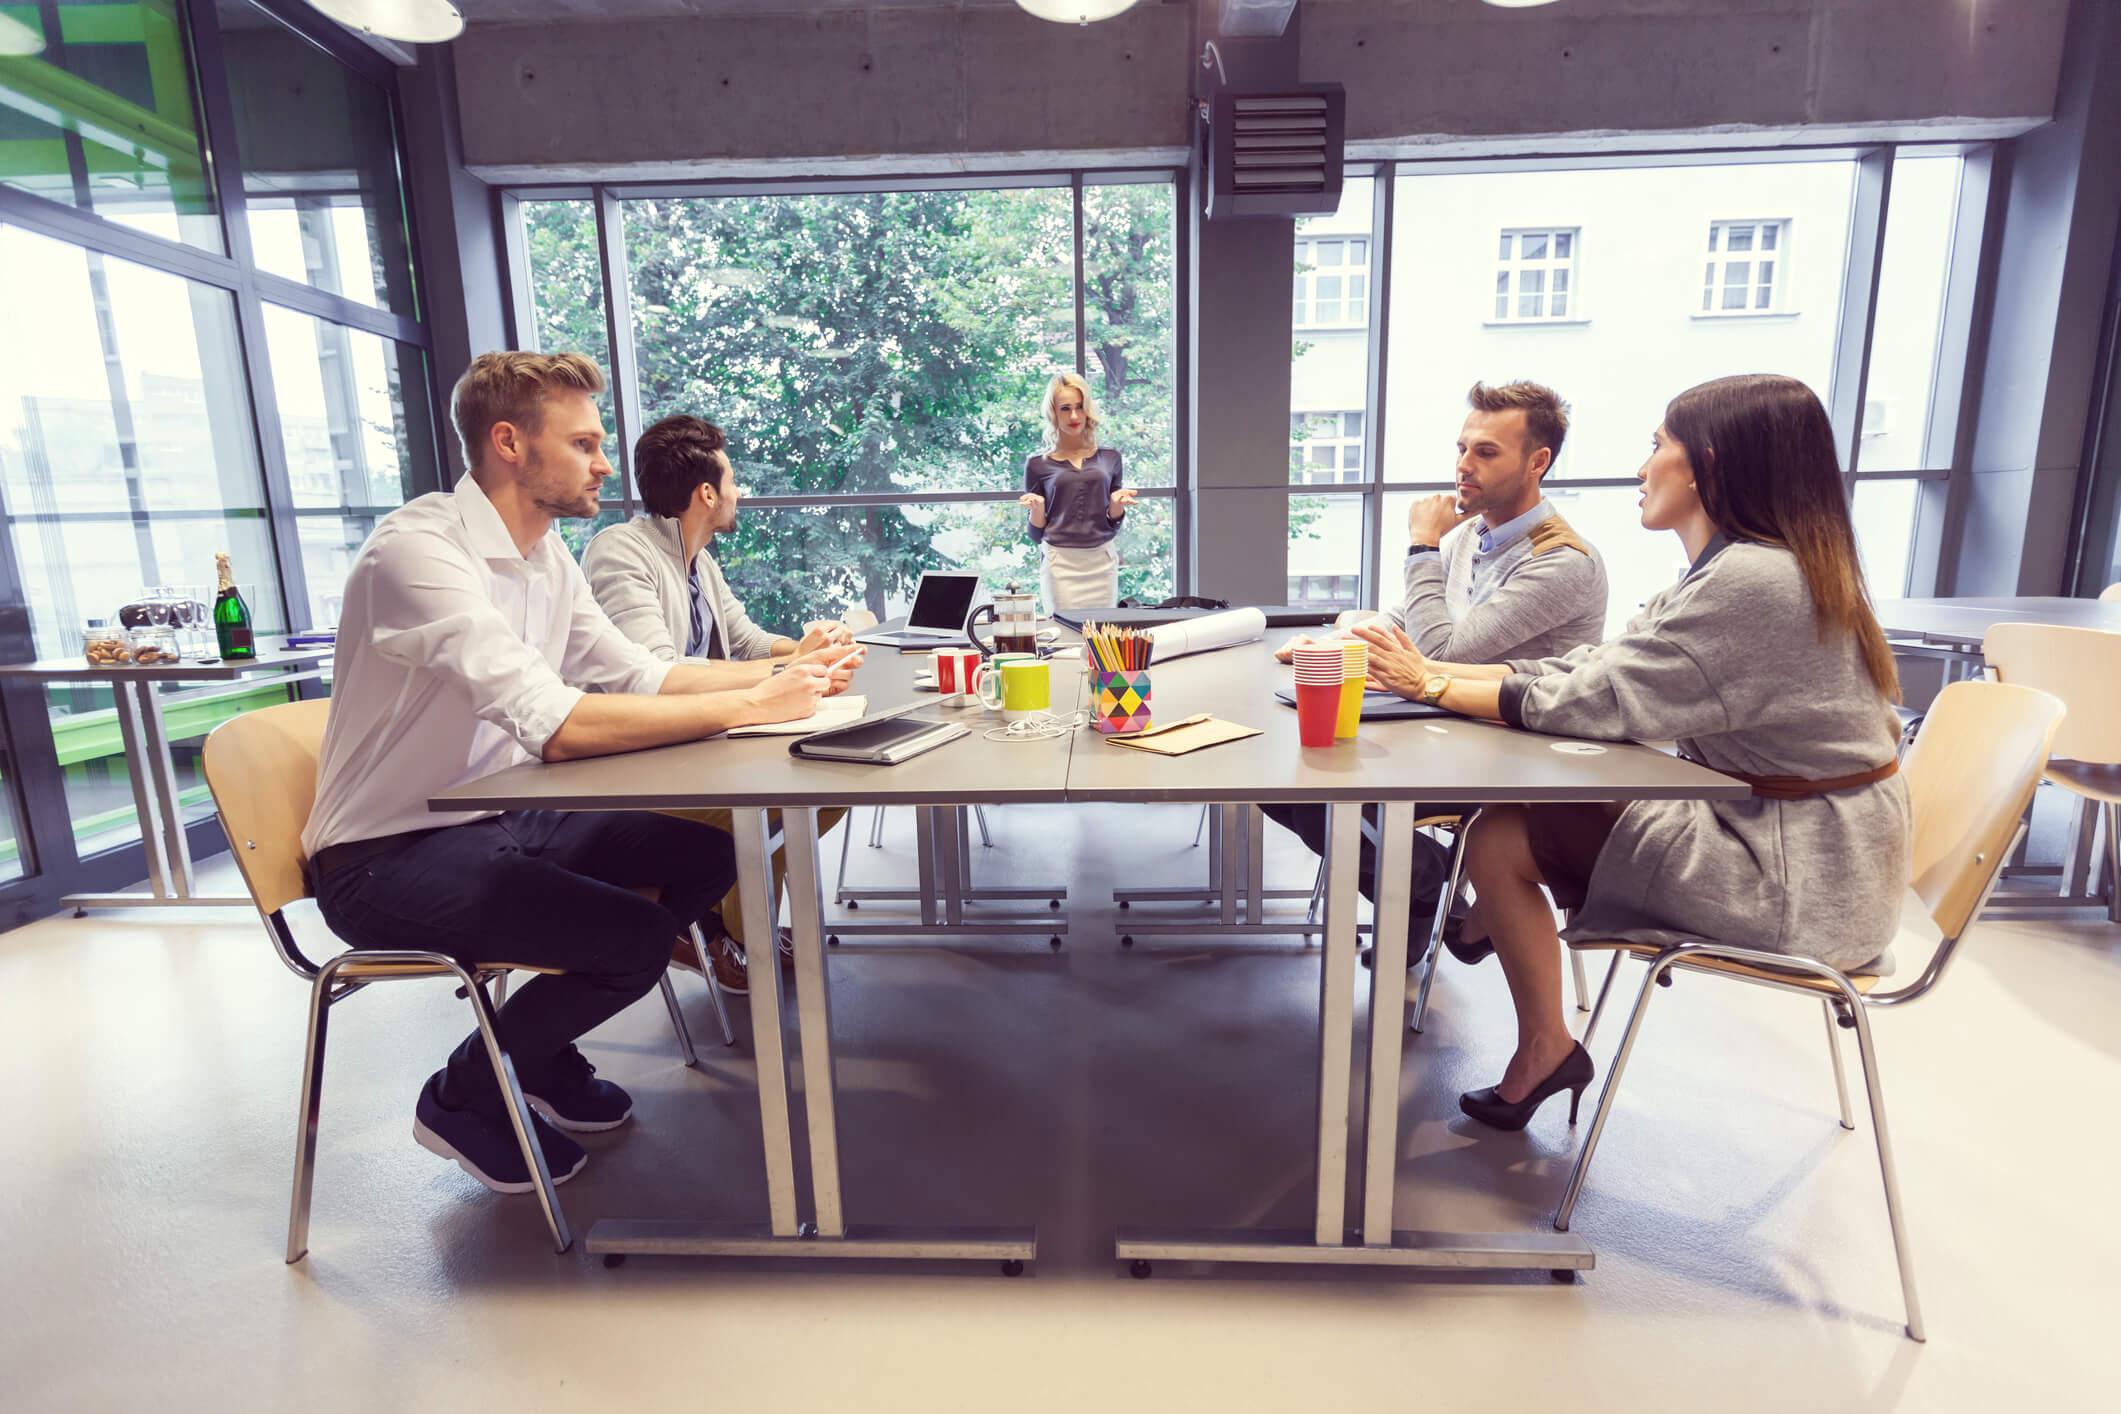 Conheça 5 técnicas de gestão empresarial para otimizar resultados